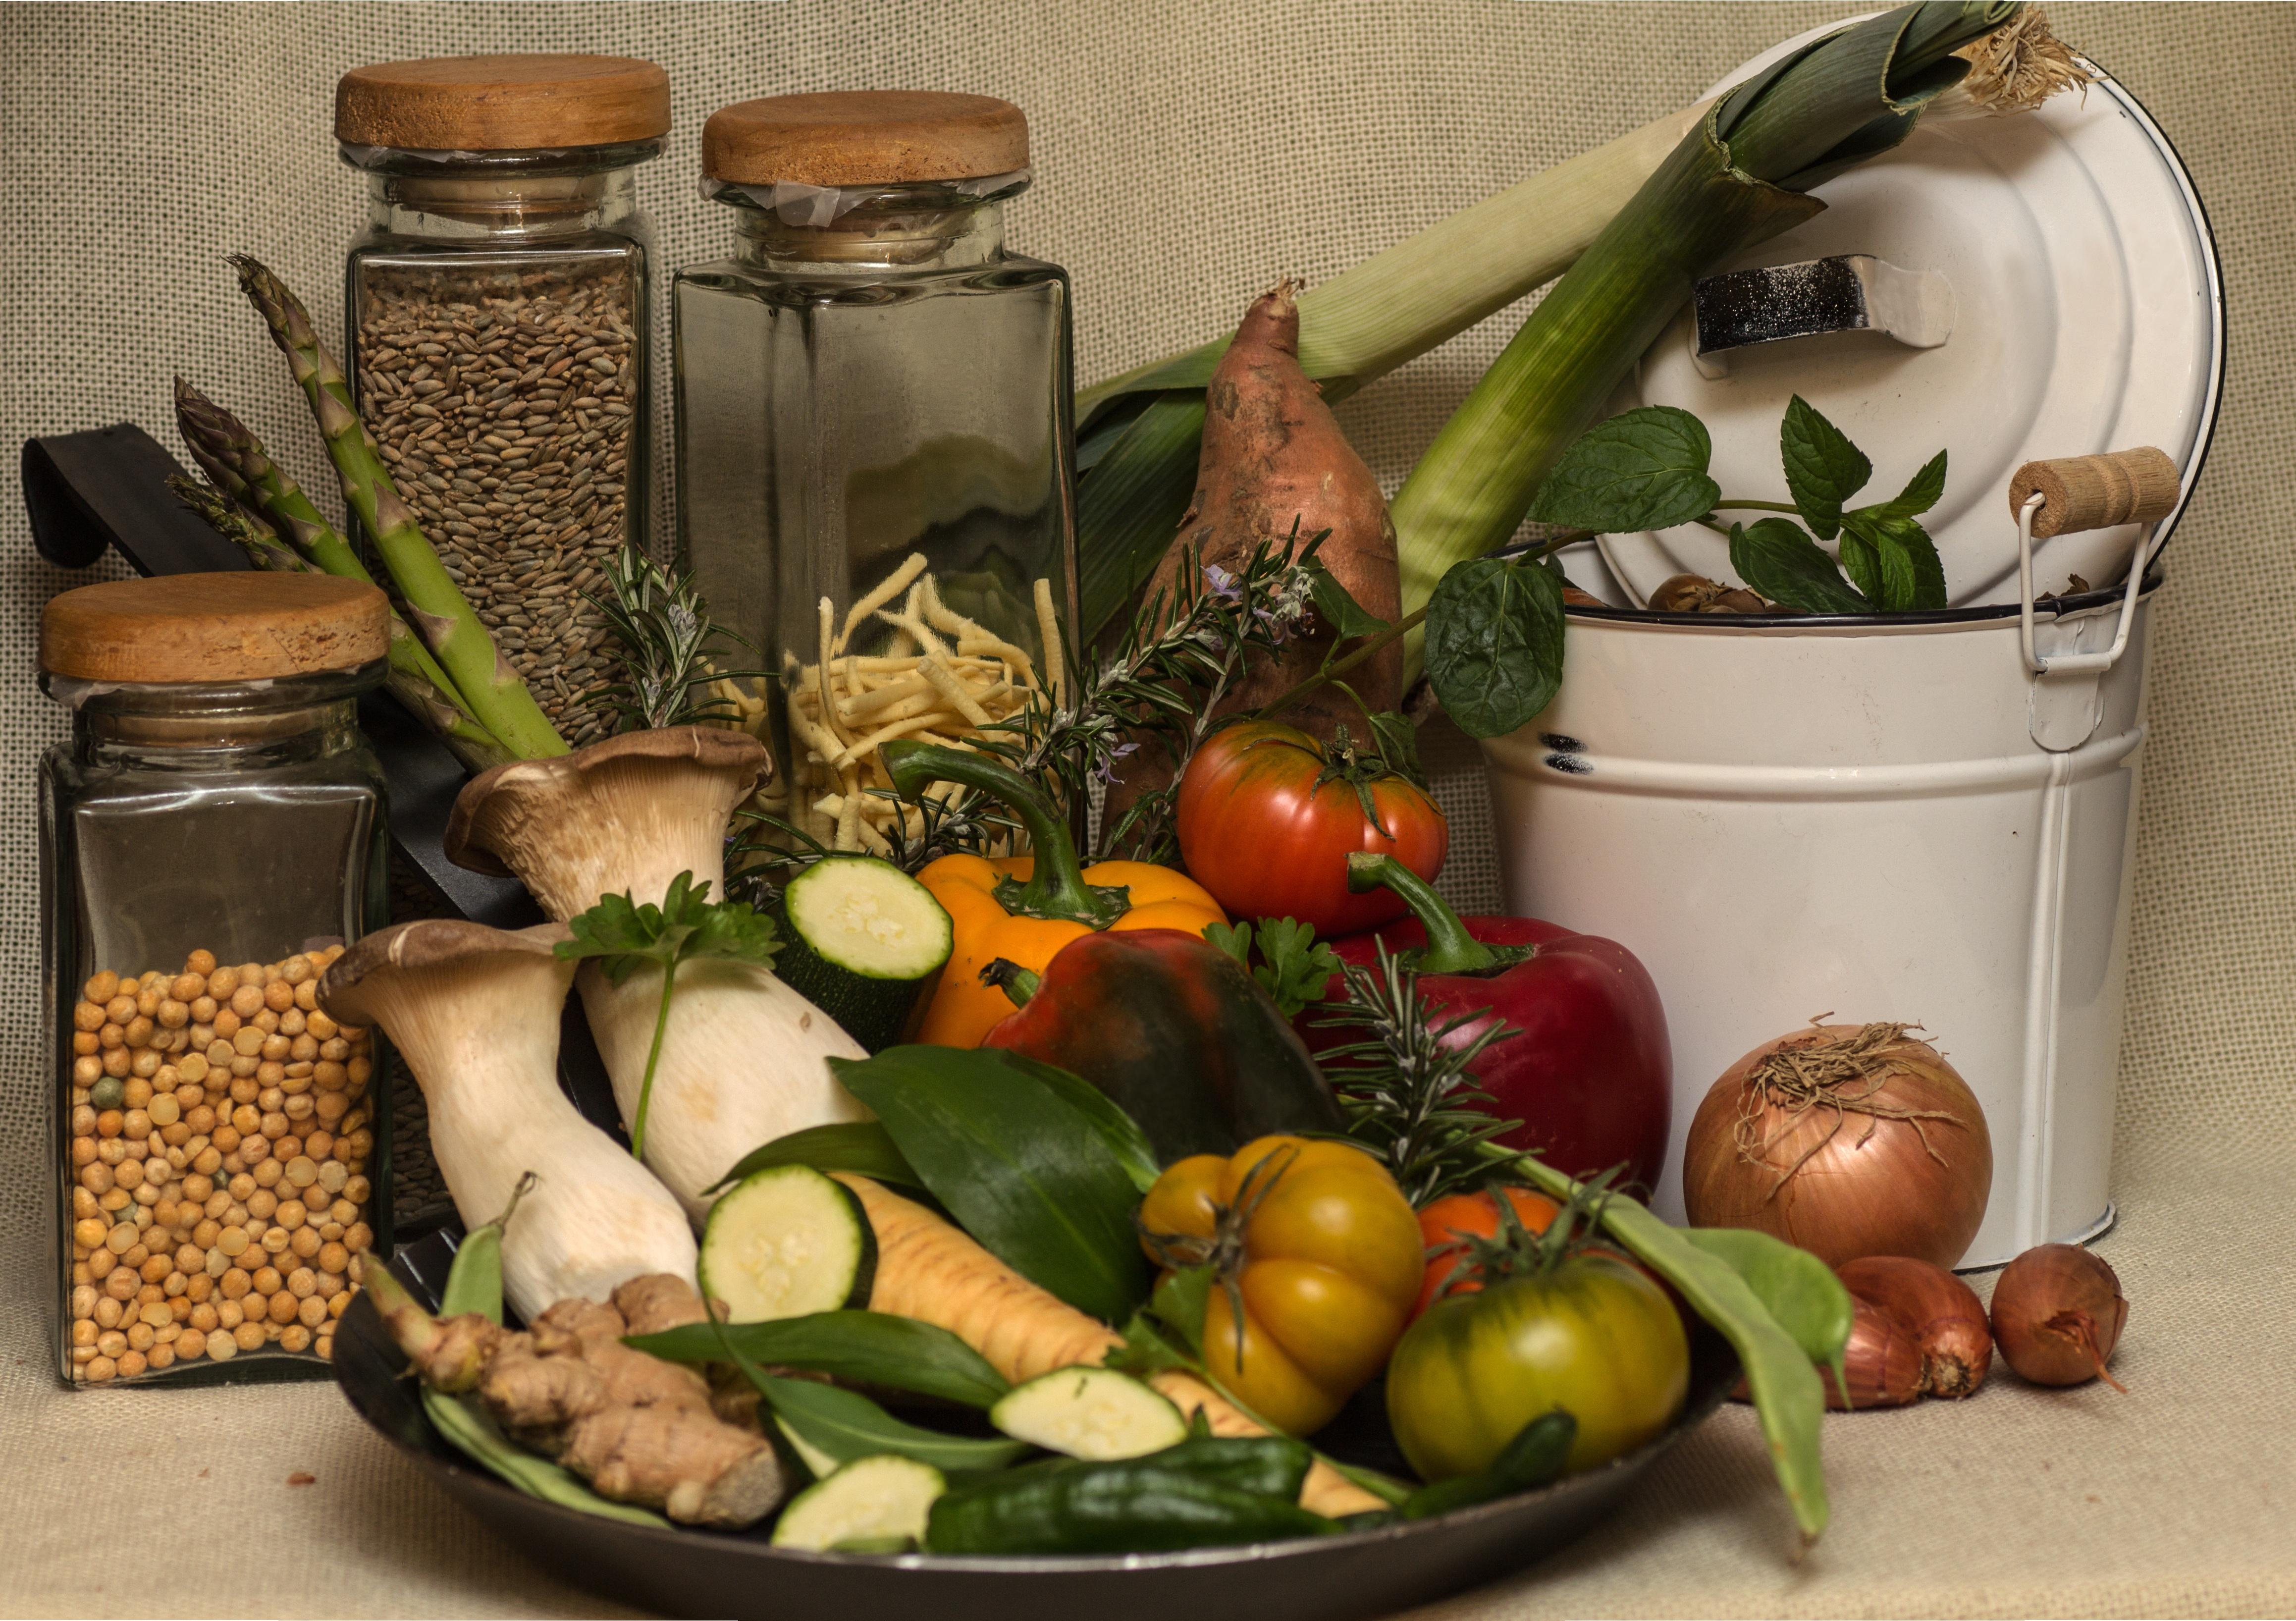 Kostenlose foto : Mahlzeit, Lebensmittel, produzieren, Gemüse ...